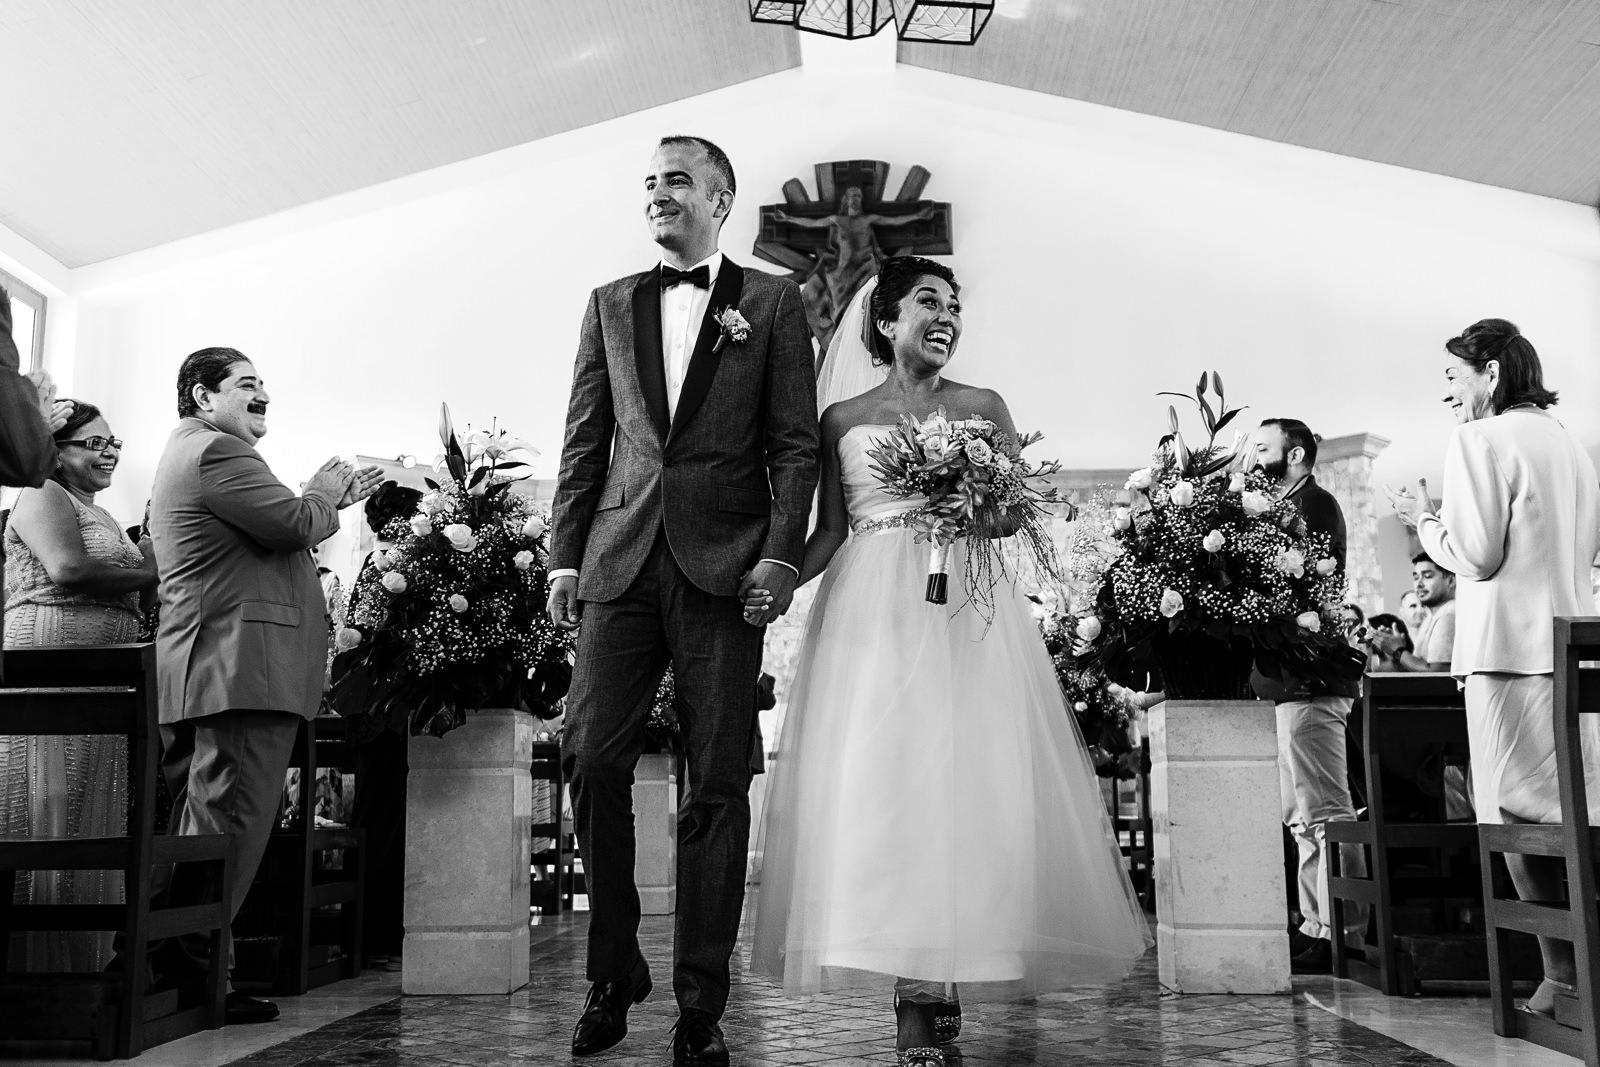 Pareja saliendo de la iglesia al terminar ceremonia religiosa de su boda